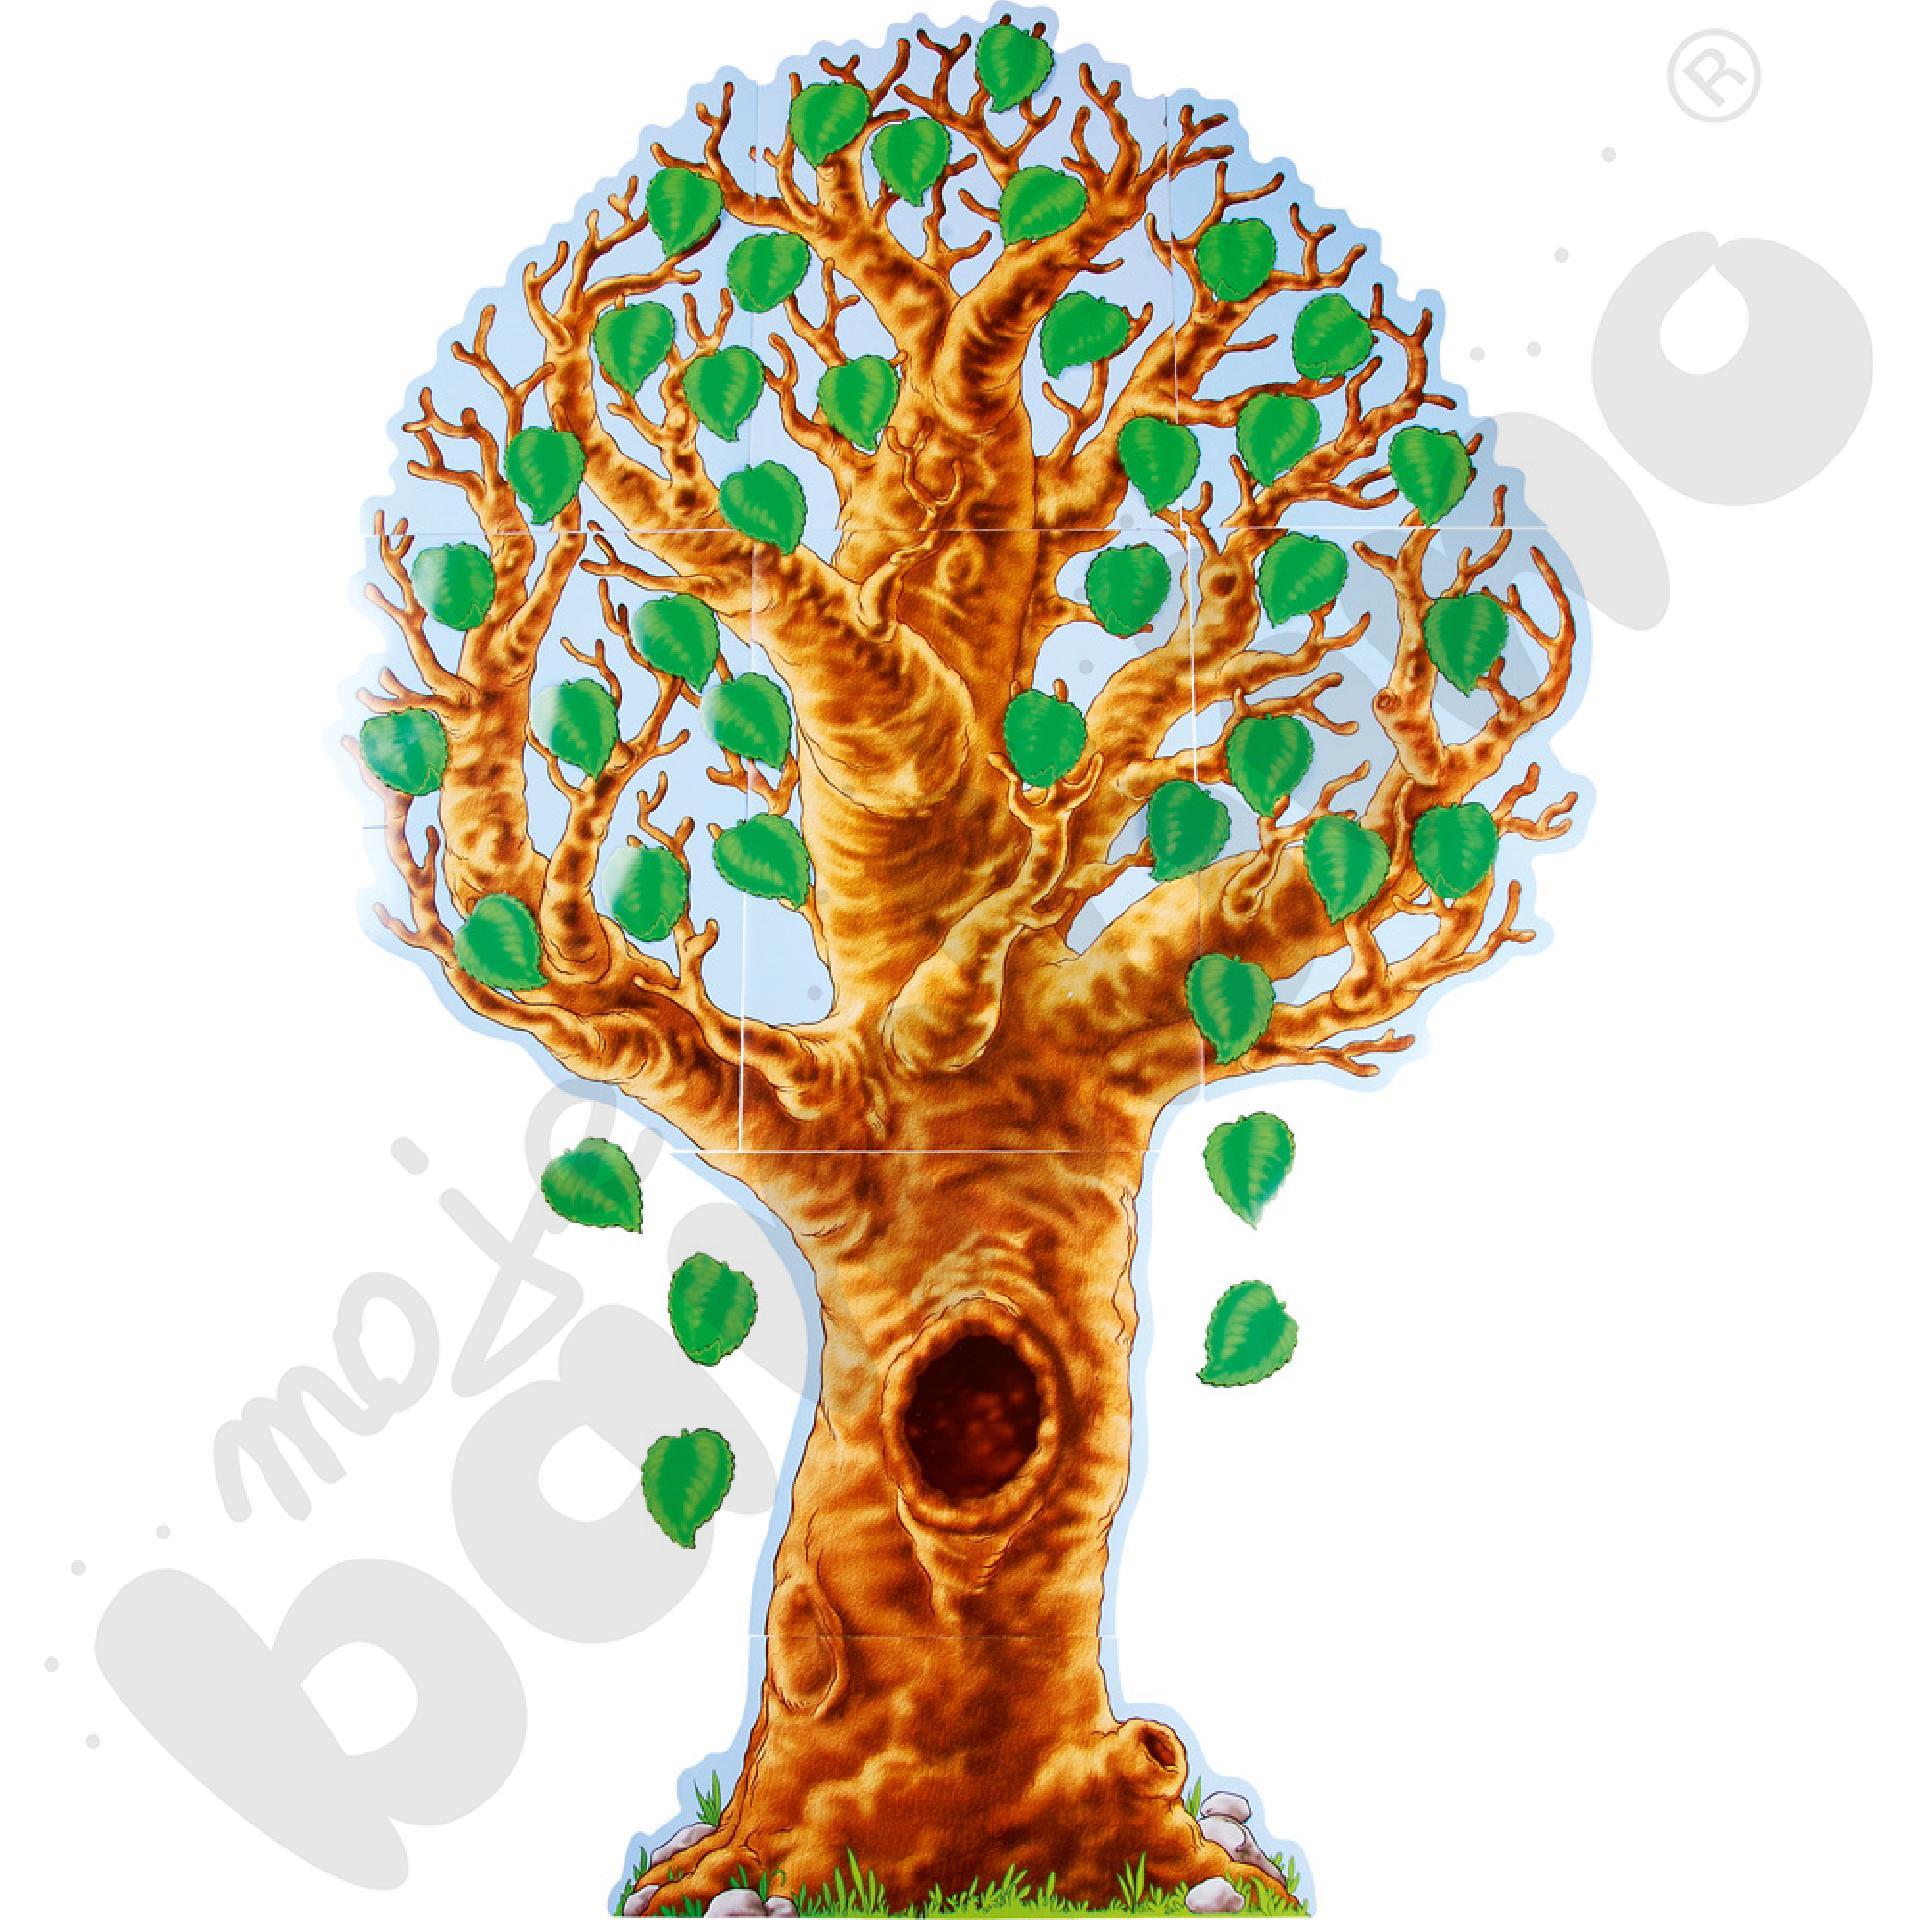 Plansza drzewo